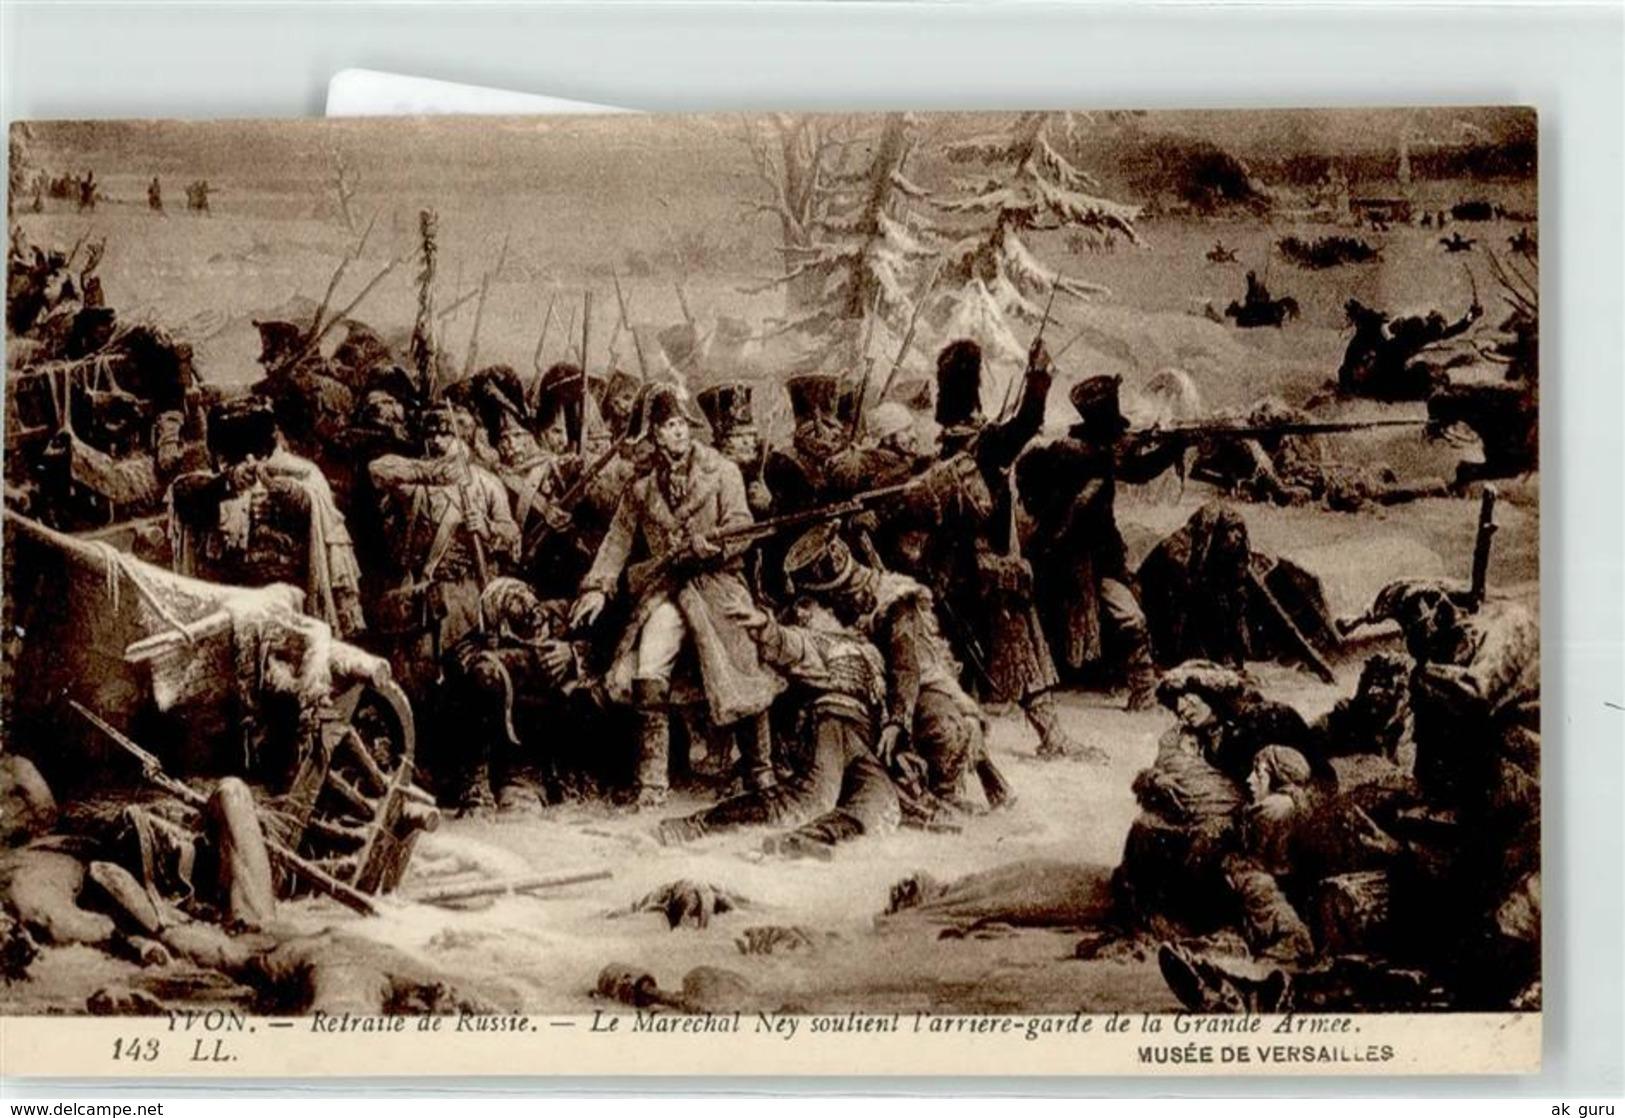 52675766 - Rueckzug Aus Russland Retraile De Russie Marshall Ney - Paintings